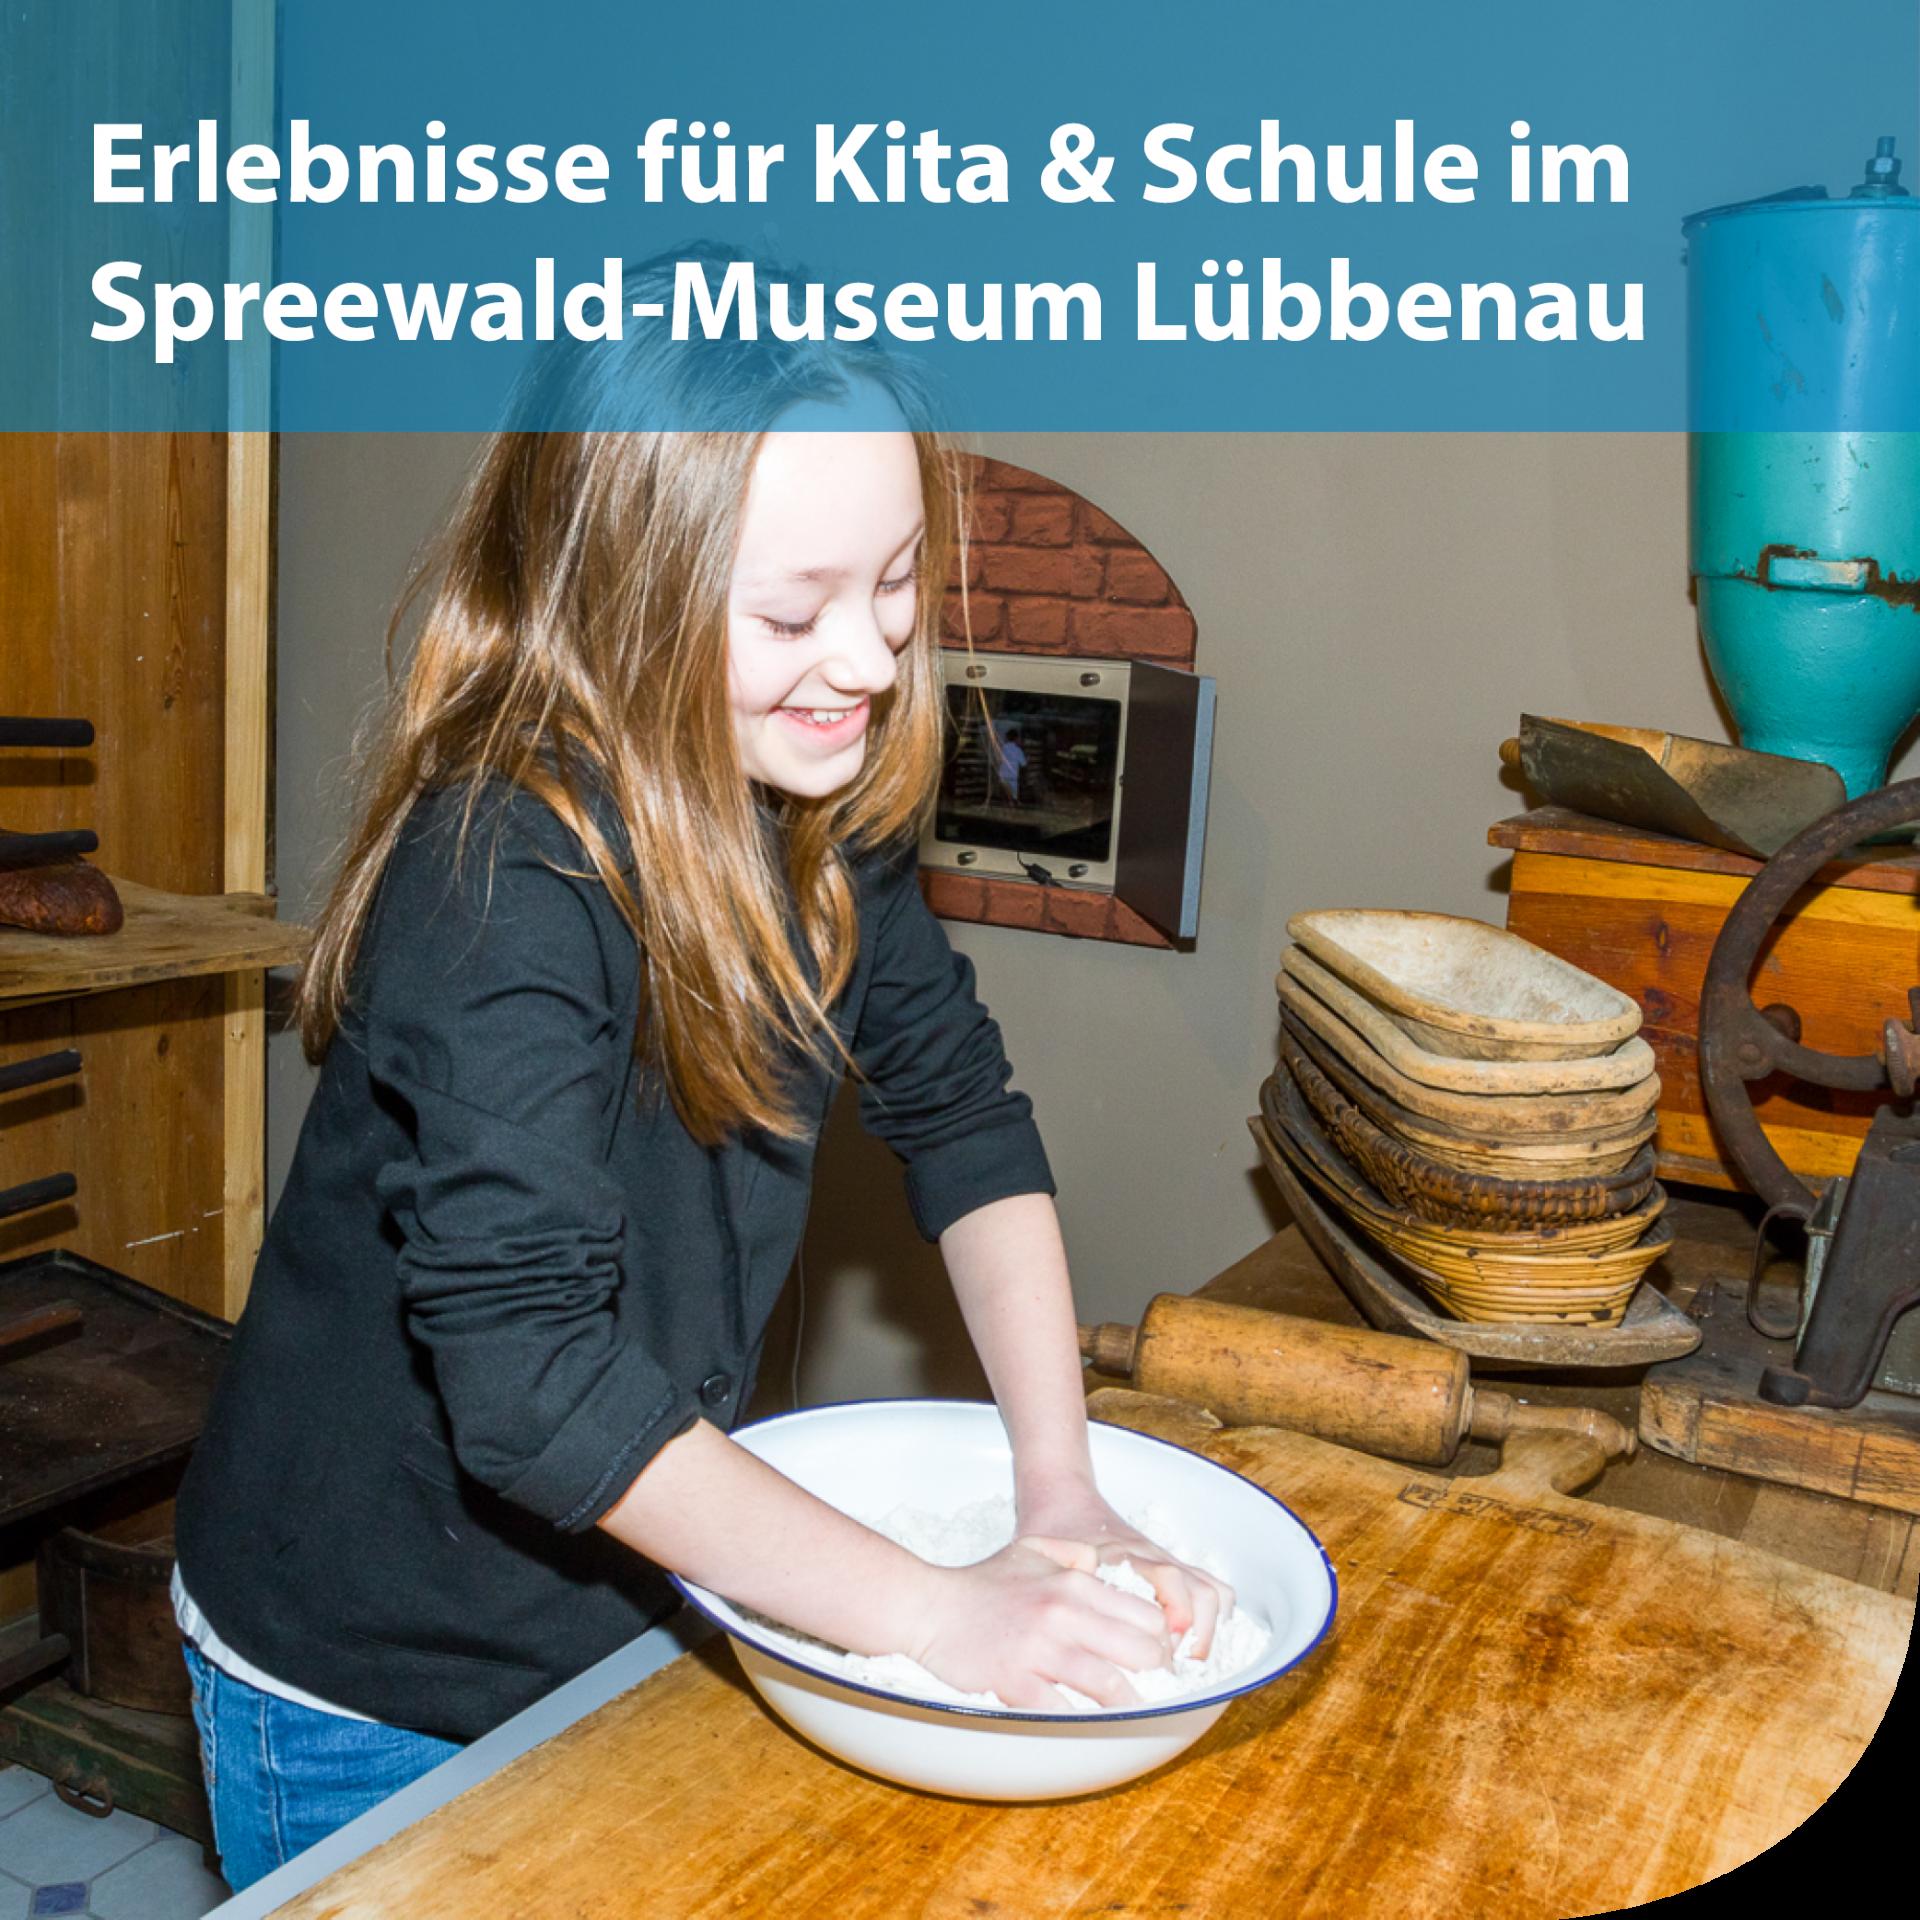 Angebote für Kita und Schule Spreewald-Museum Lübbenau